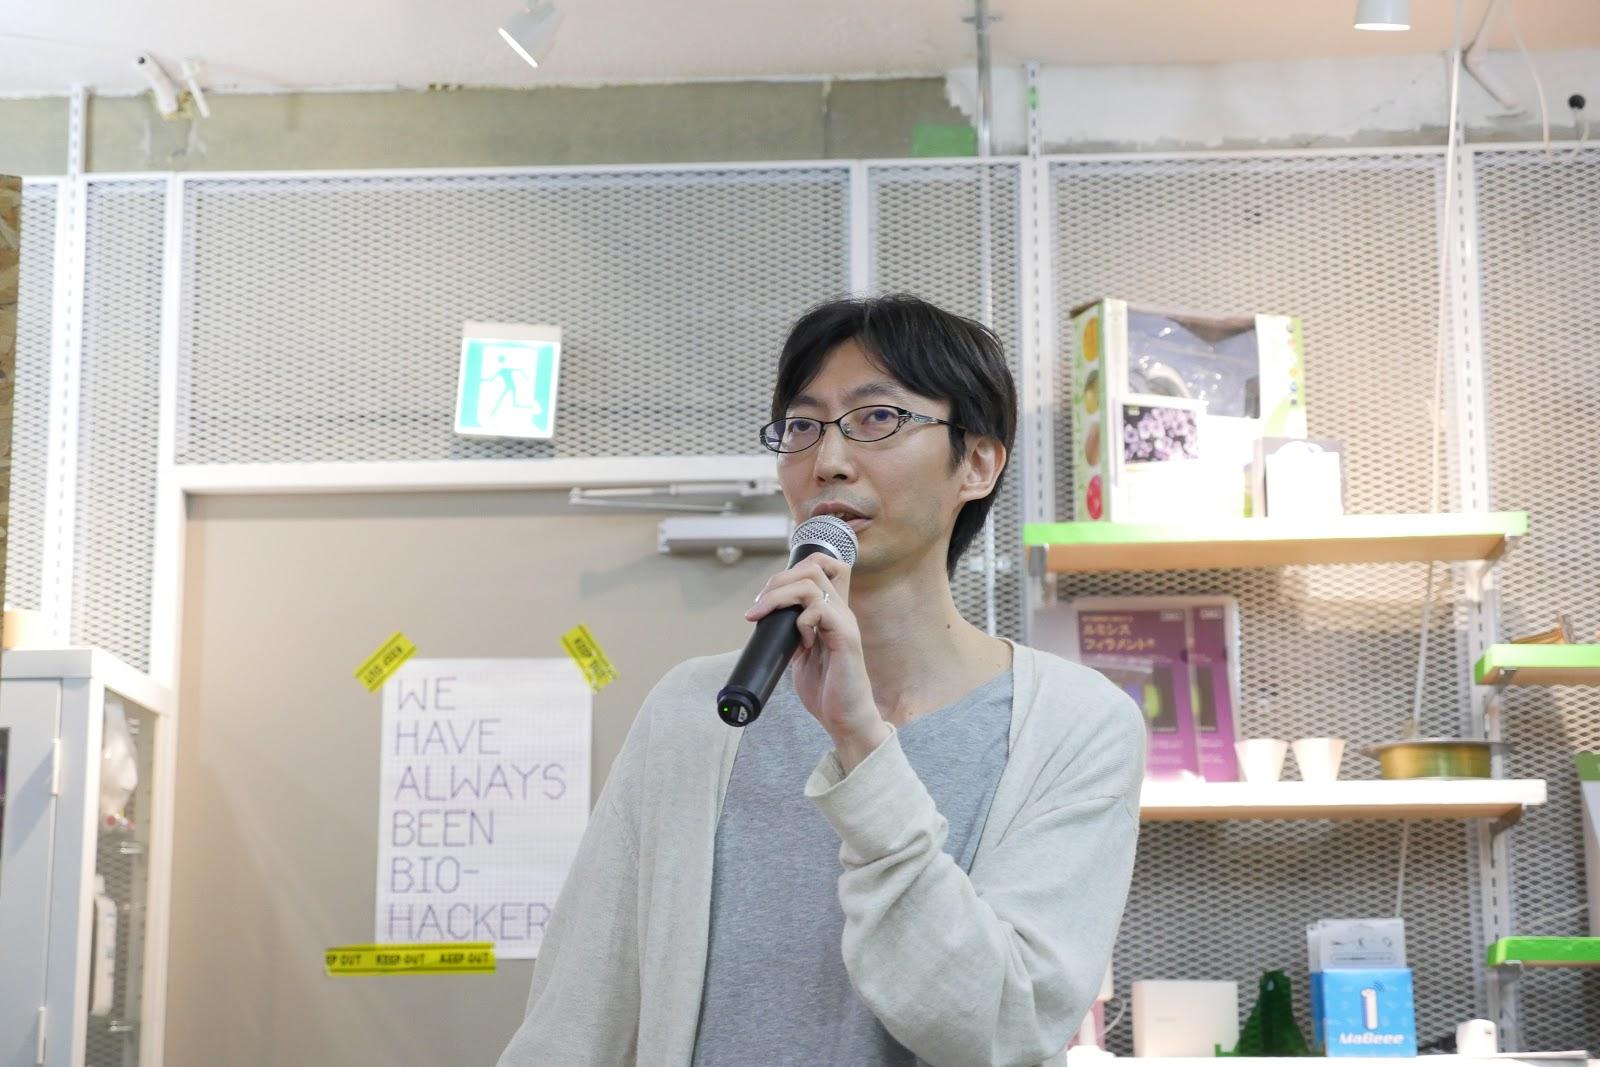 川口さんの写真